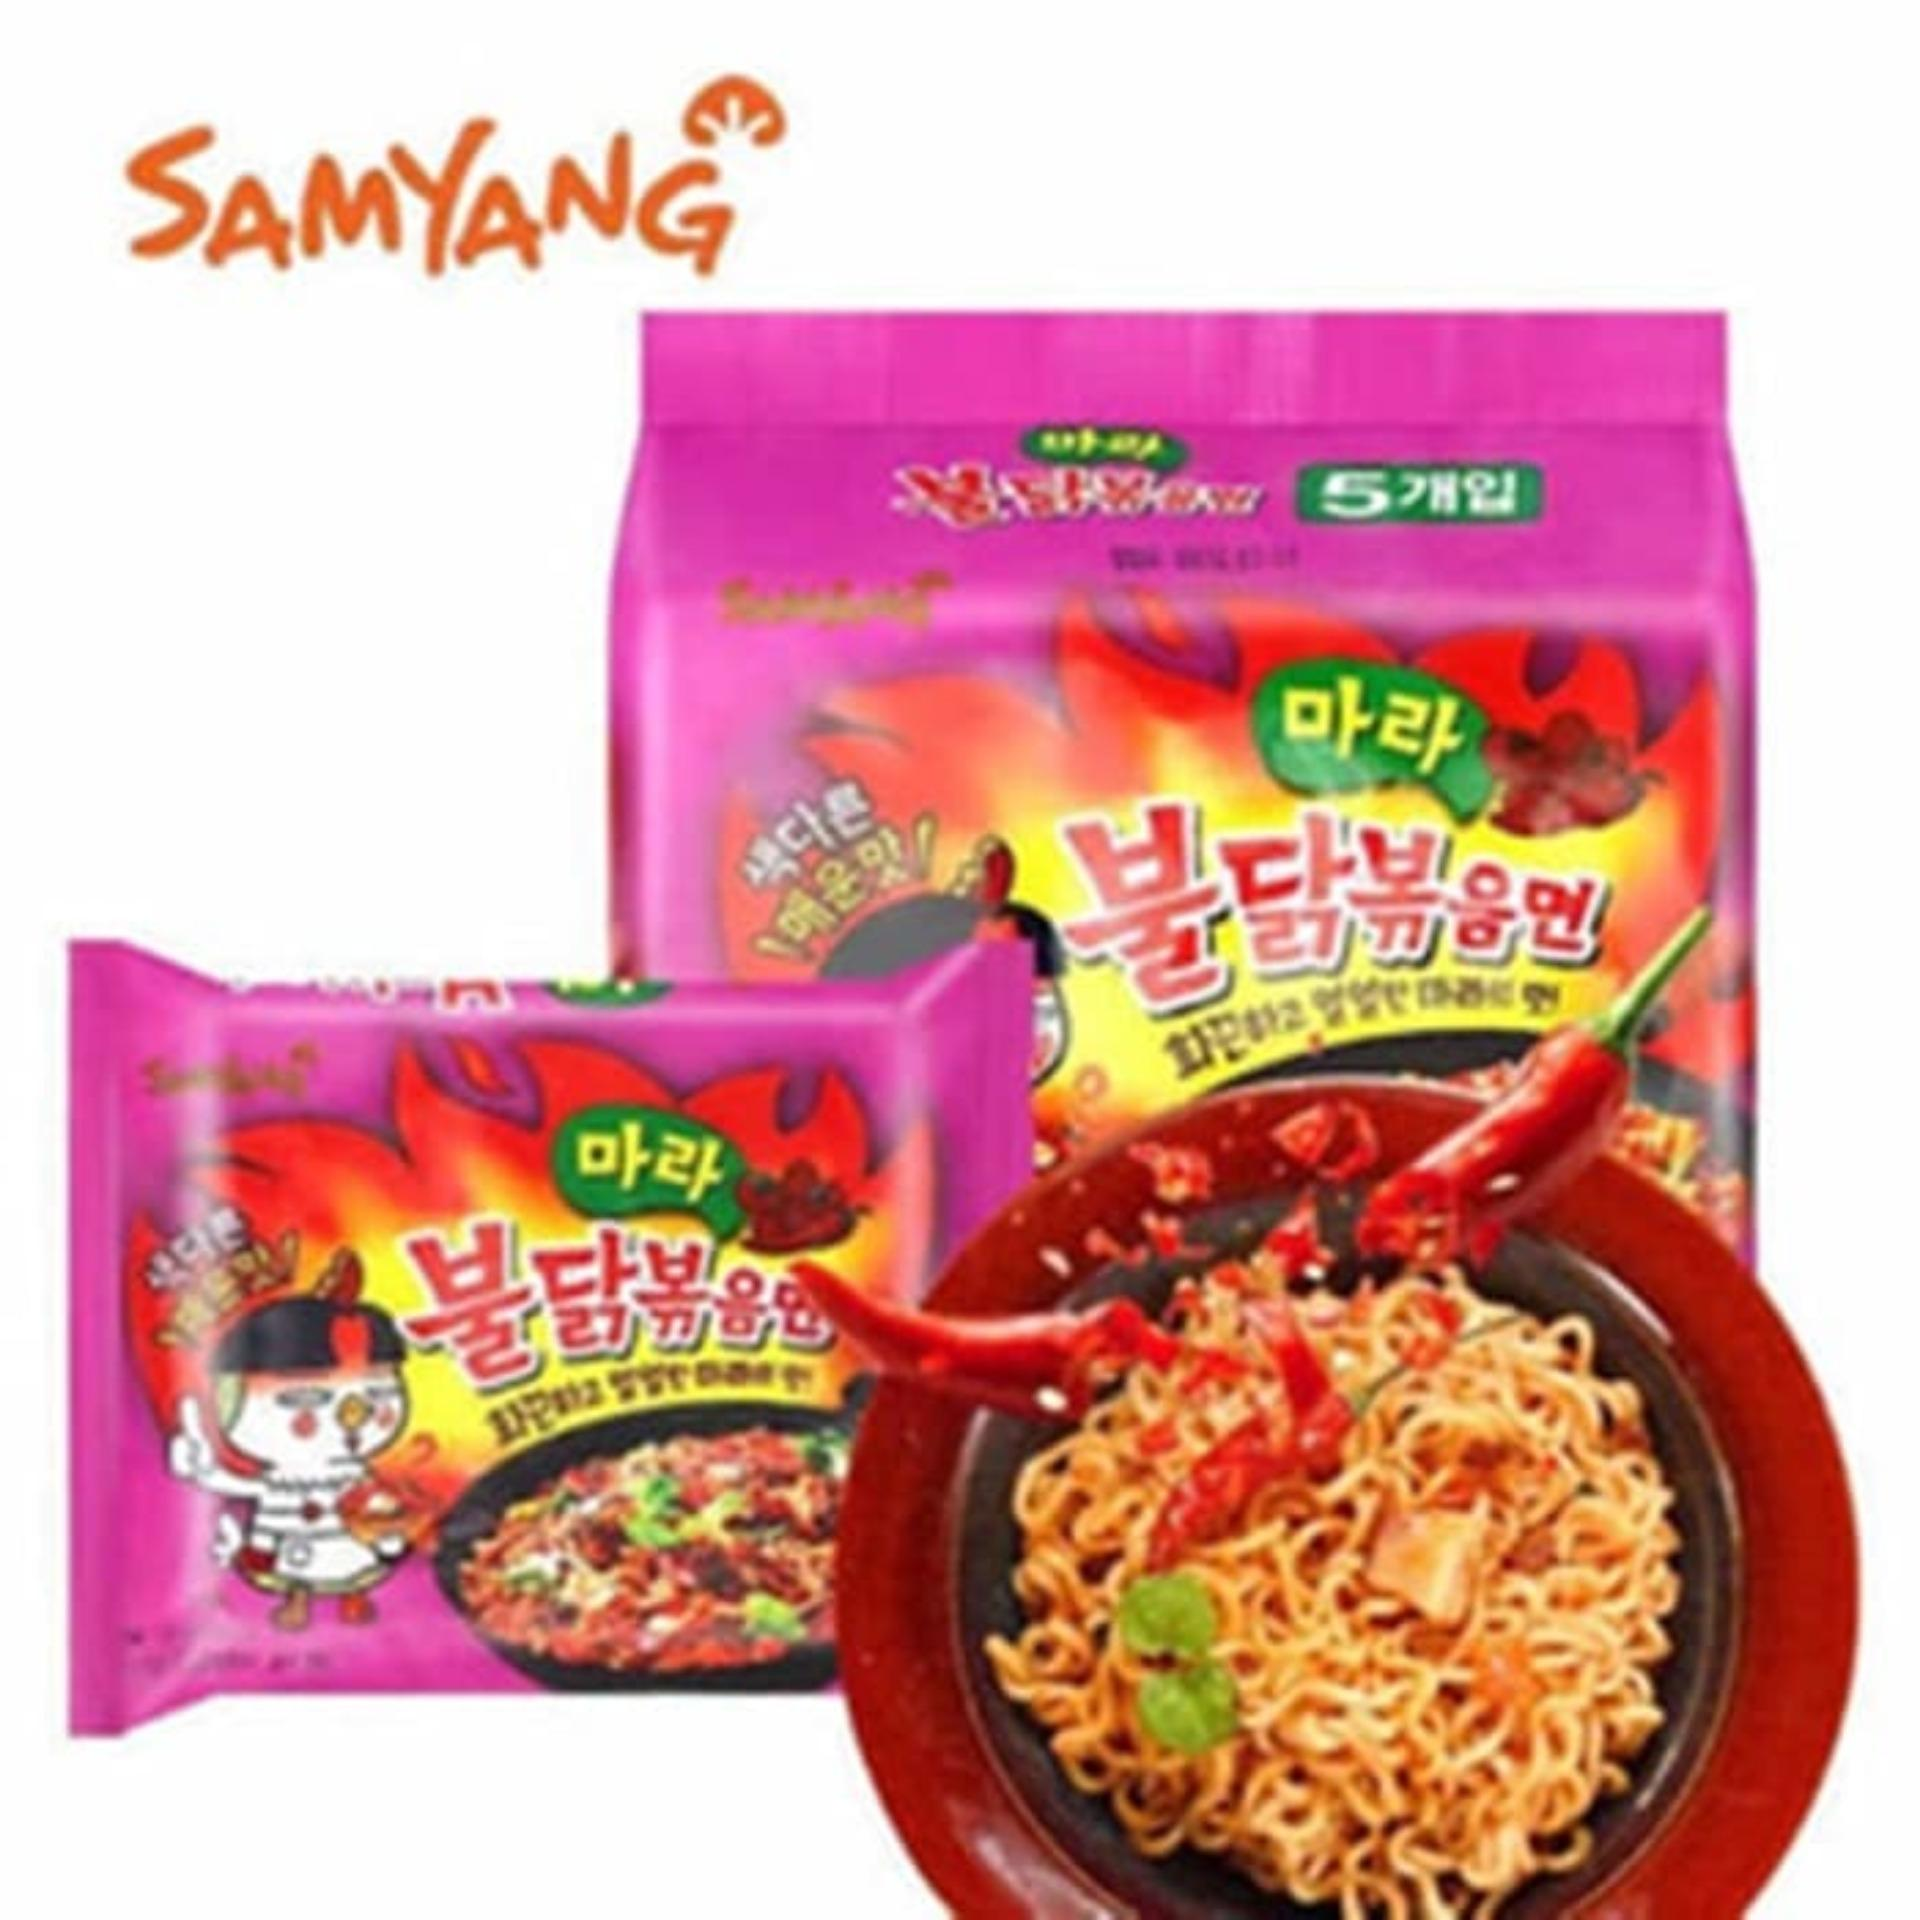 Kelebihan Samyang 2x Spicy Terkini Daftar Harga Dan Tempat Nuclear Mala Hot Chicken 4x